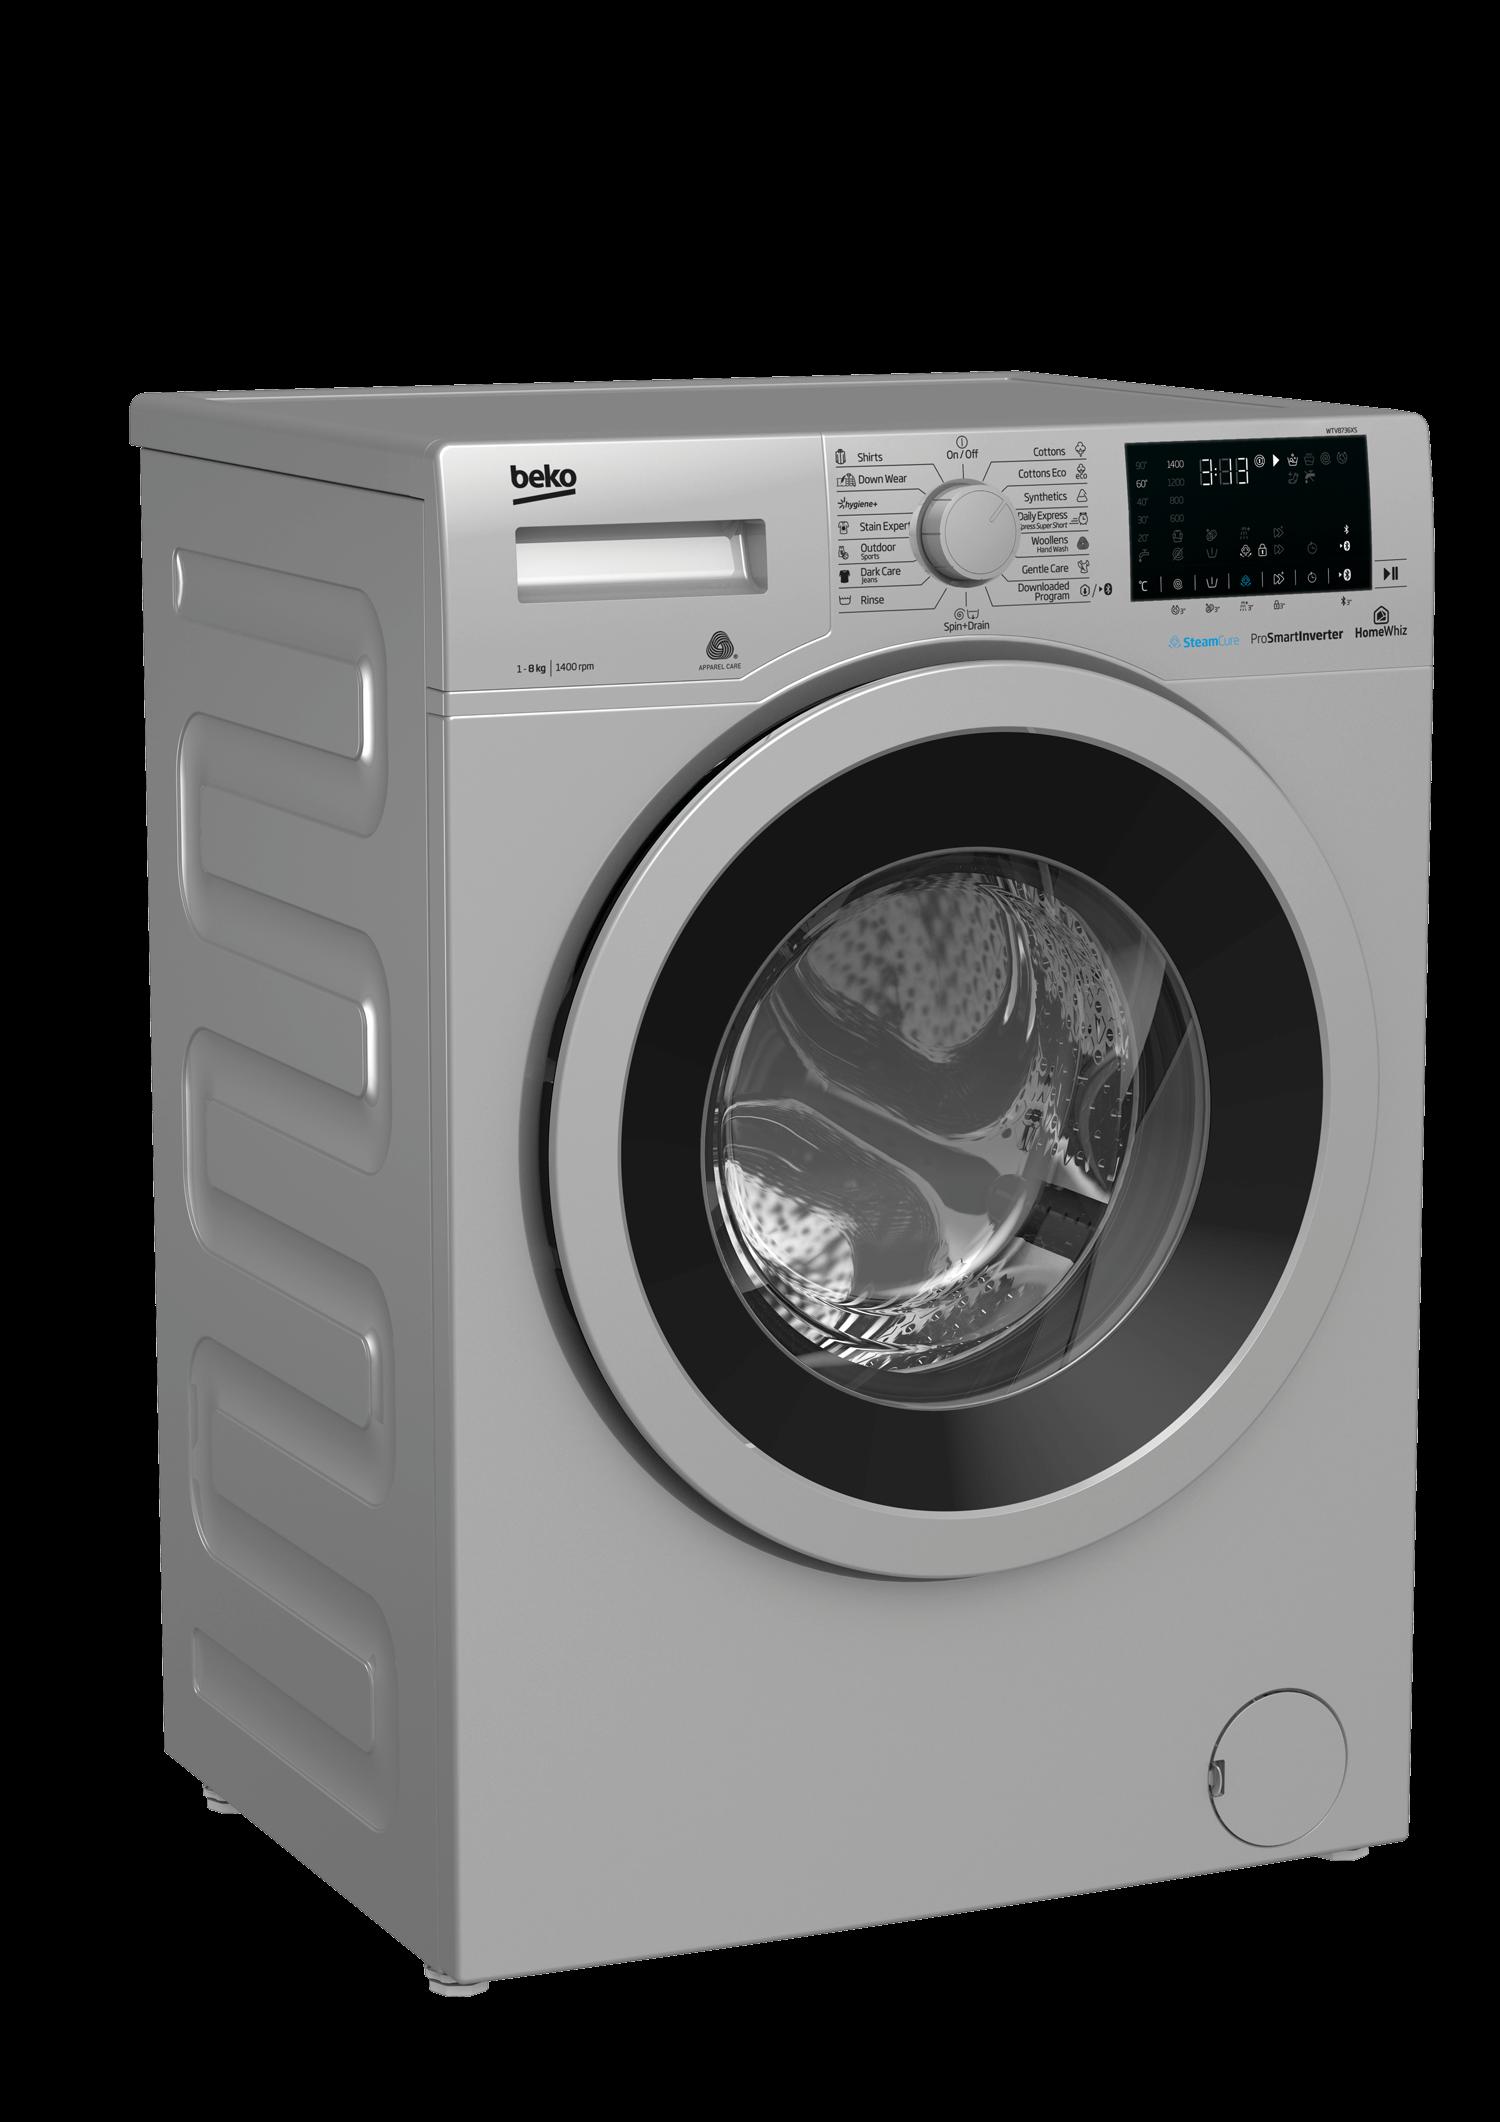 BEKO 8Kg Front Load Washing Machine WTV8736XS